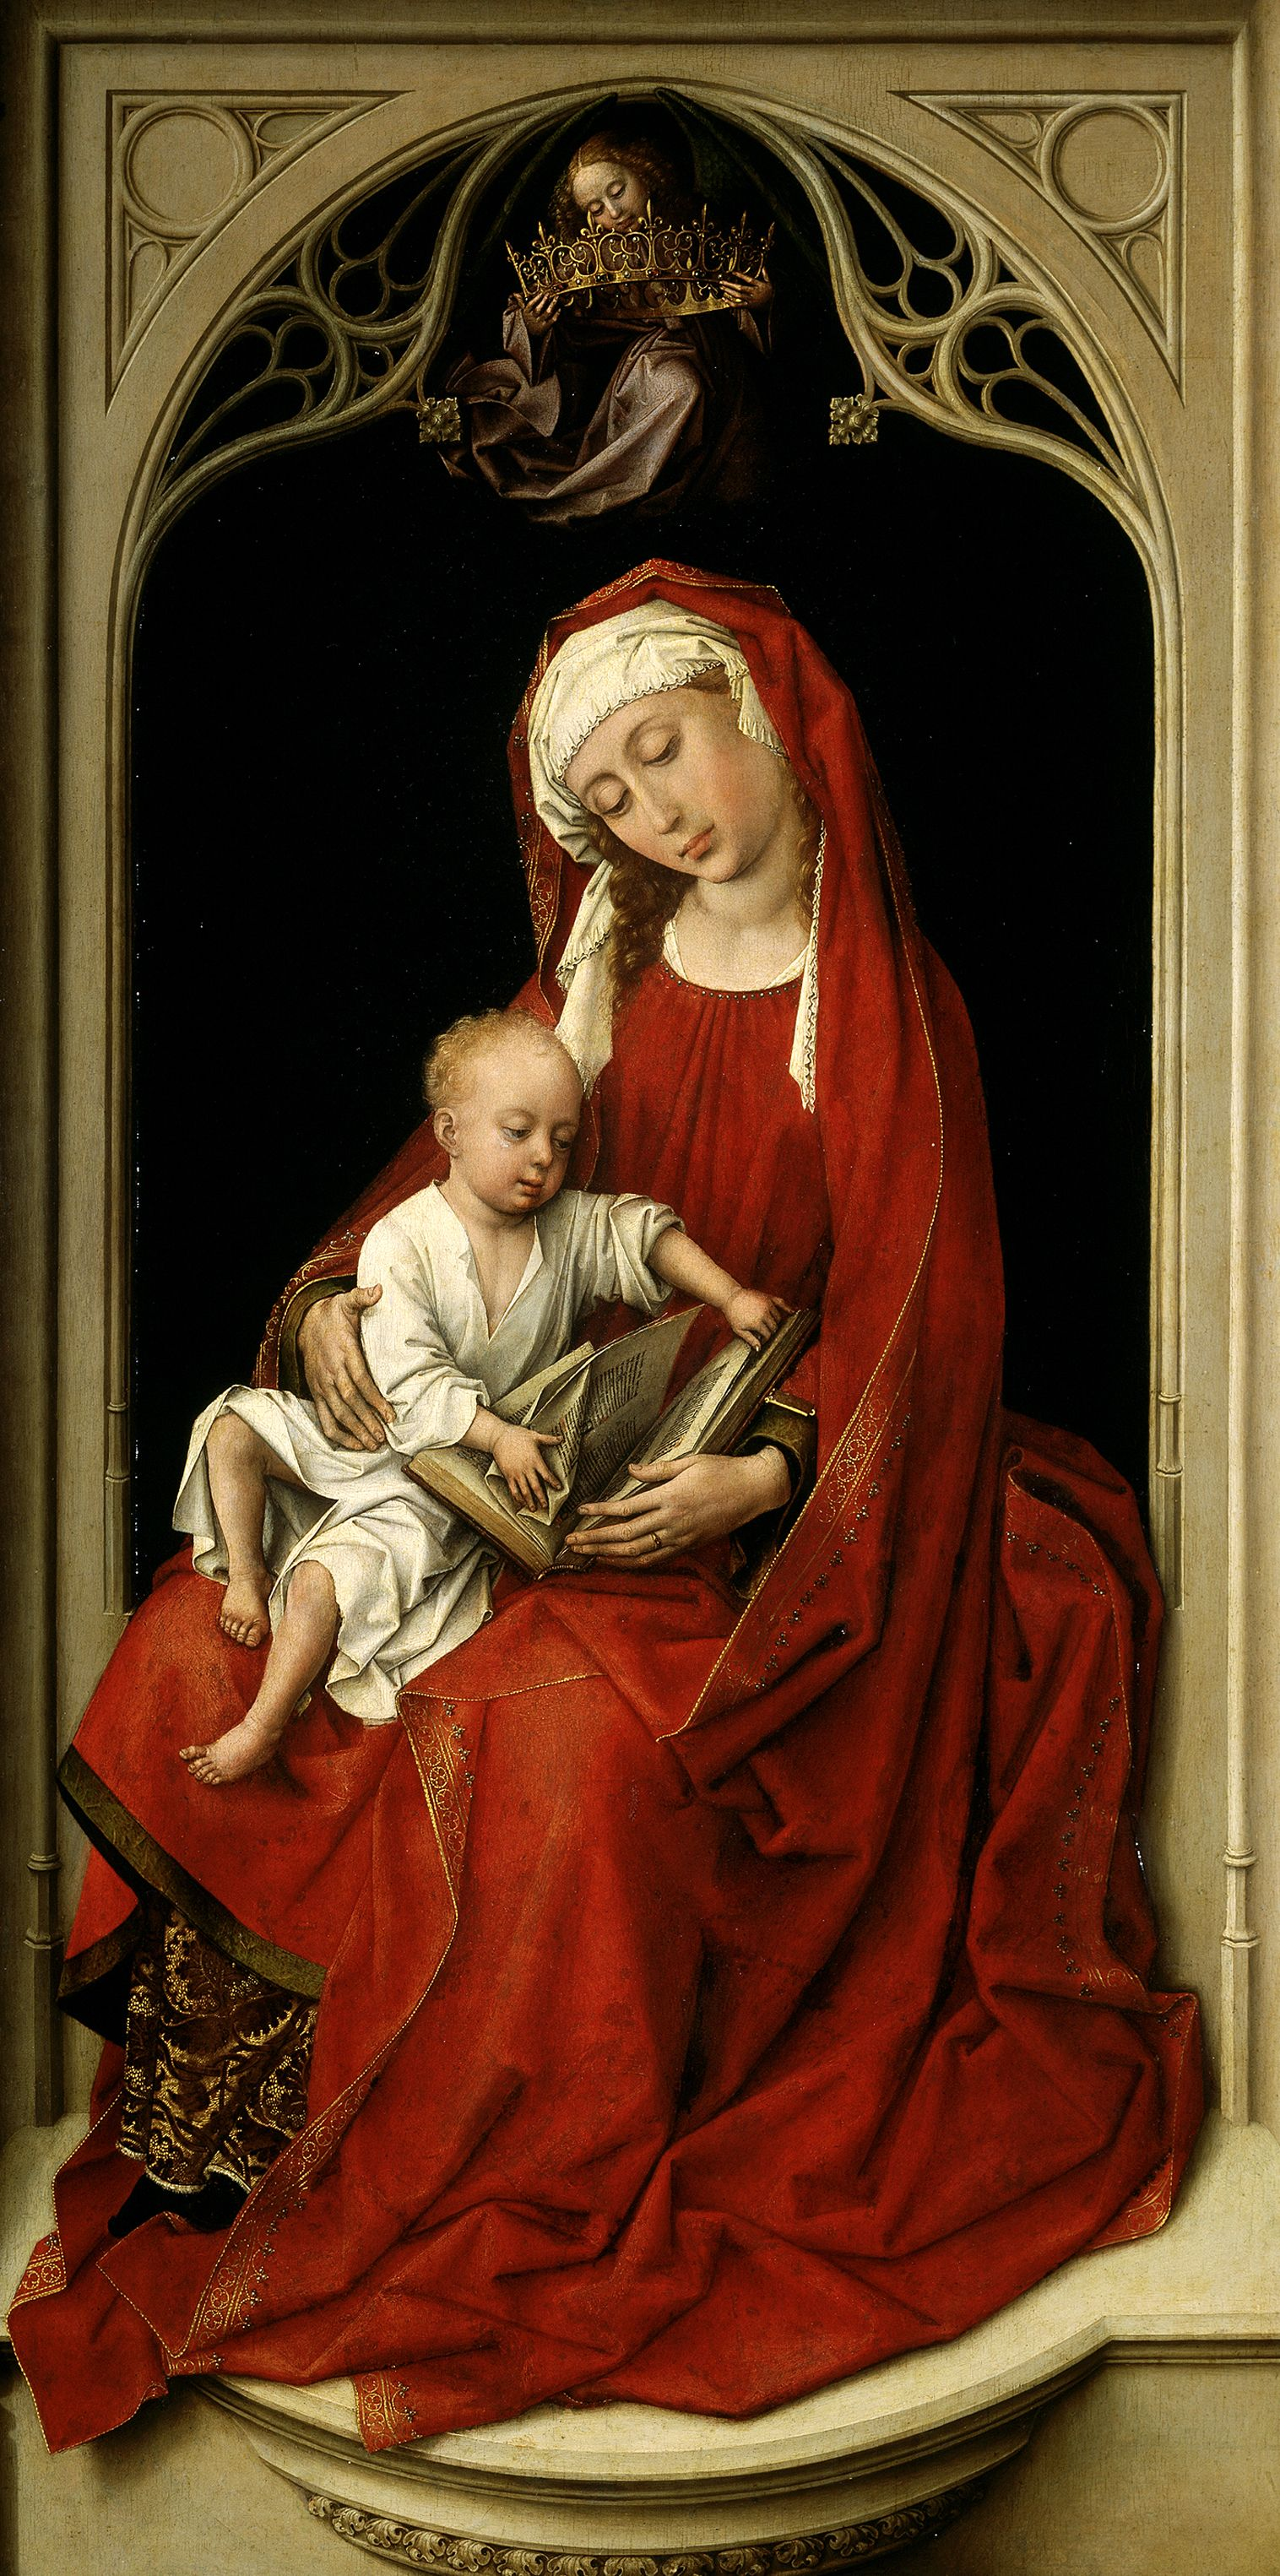 La Virgen con el Niño,